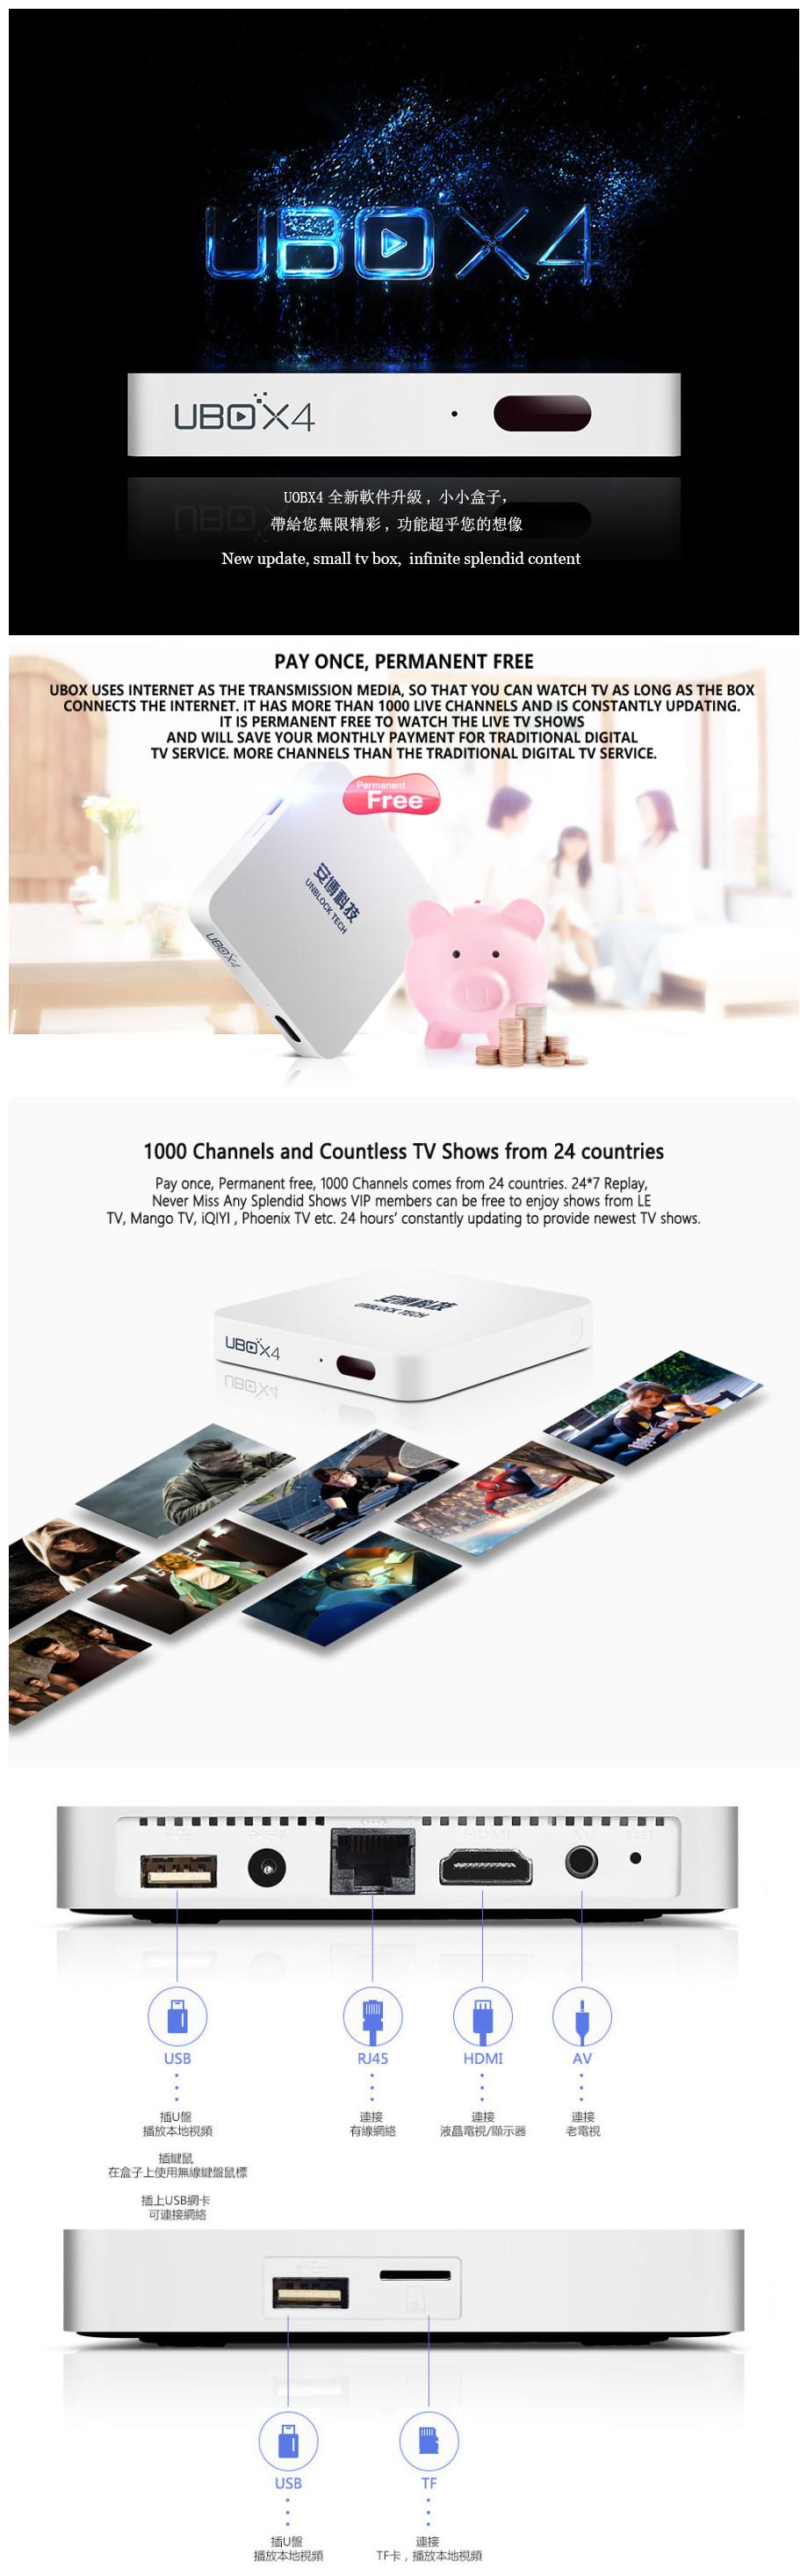 Desbloquear Ubox Gen 4 Pro Bt Ubox4 Inteligente Caixa De Tv